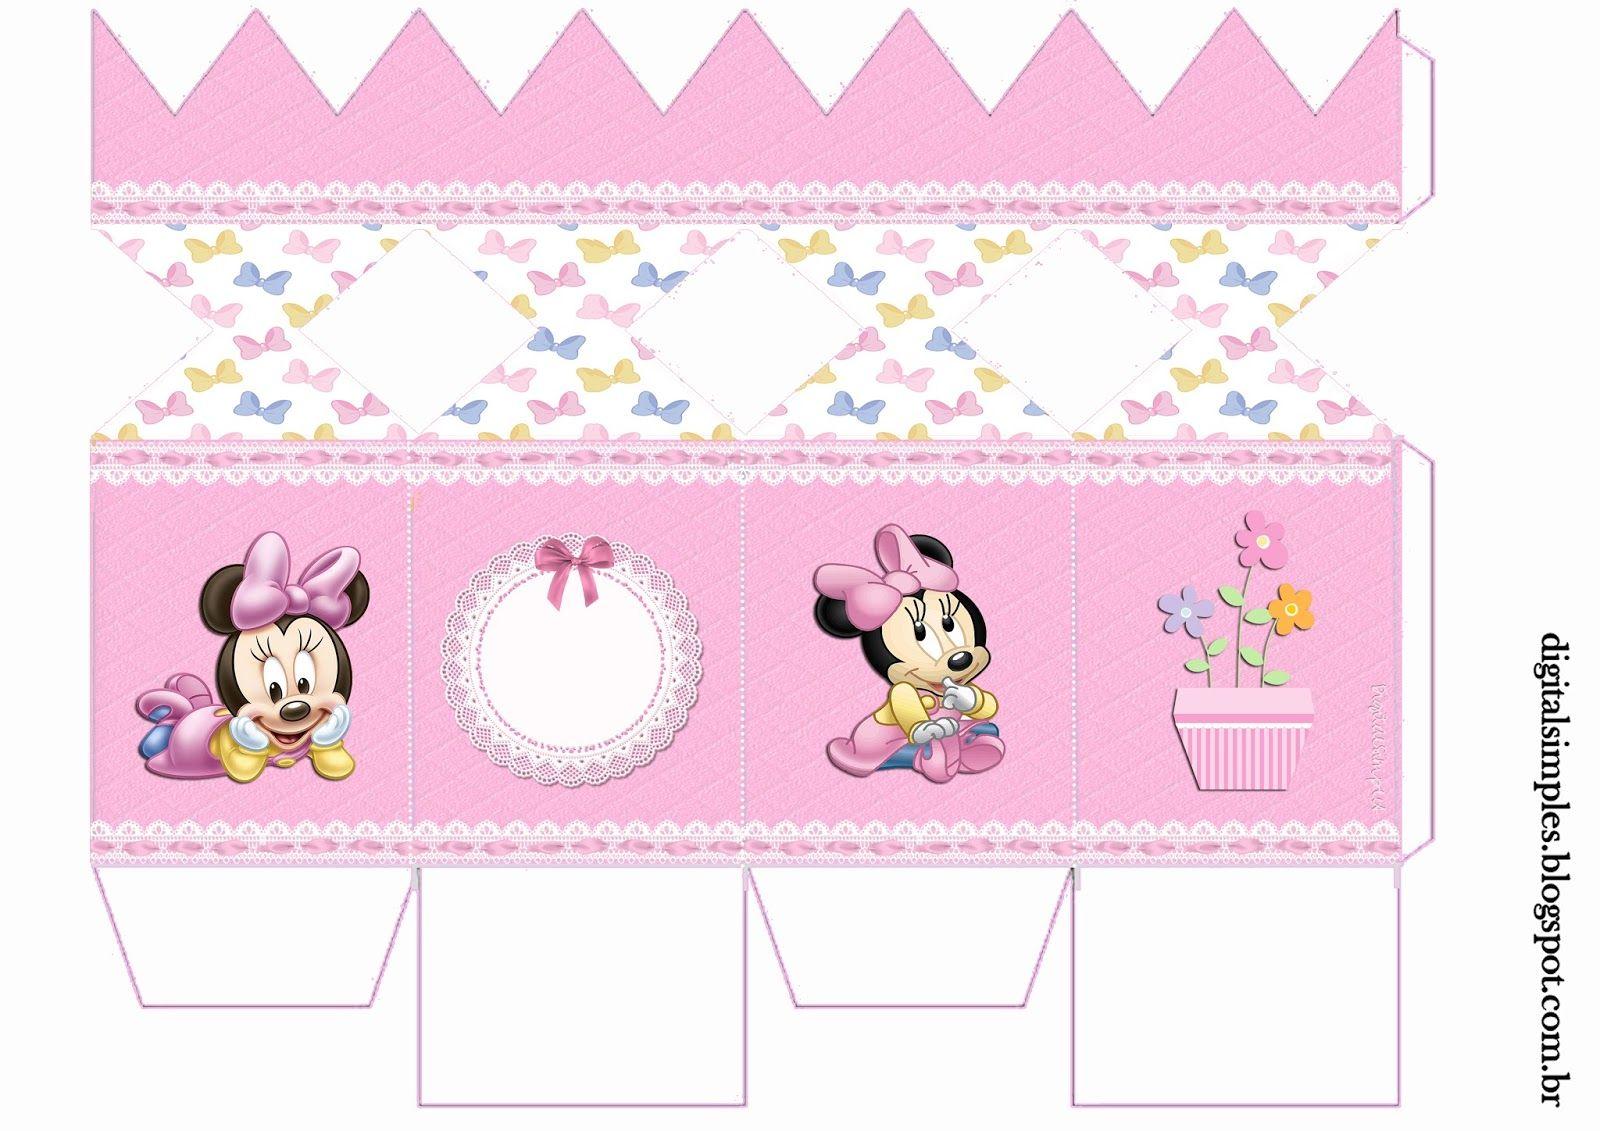 Kit De Personalizados Minnie Mouse Baby Para Imprimir Cha De